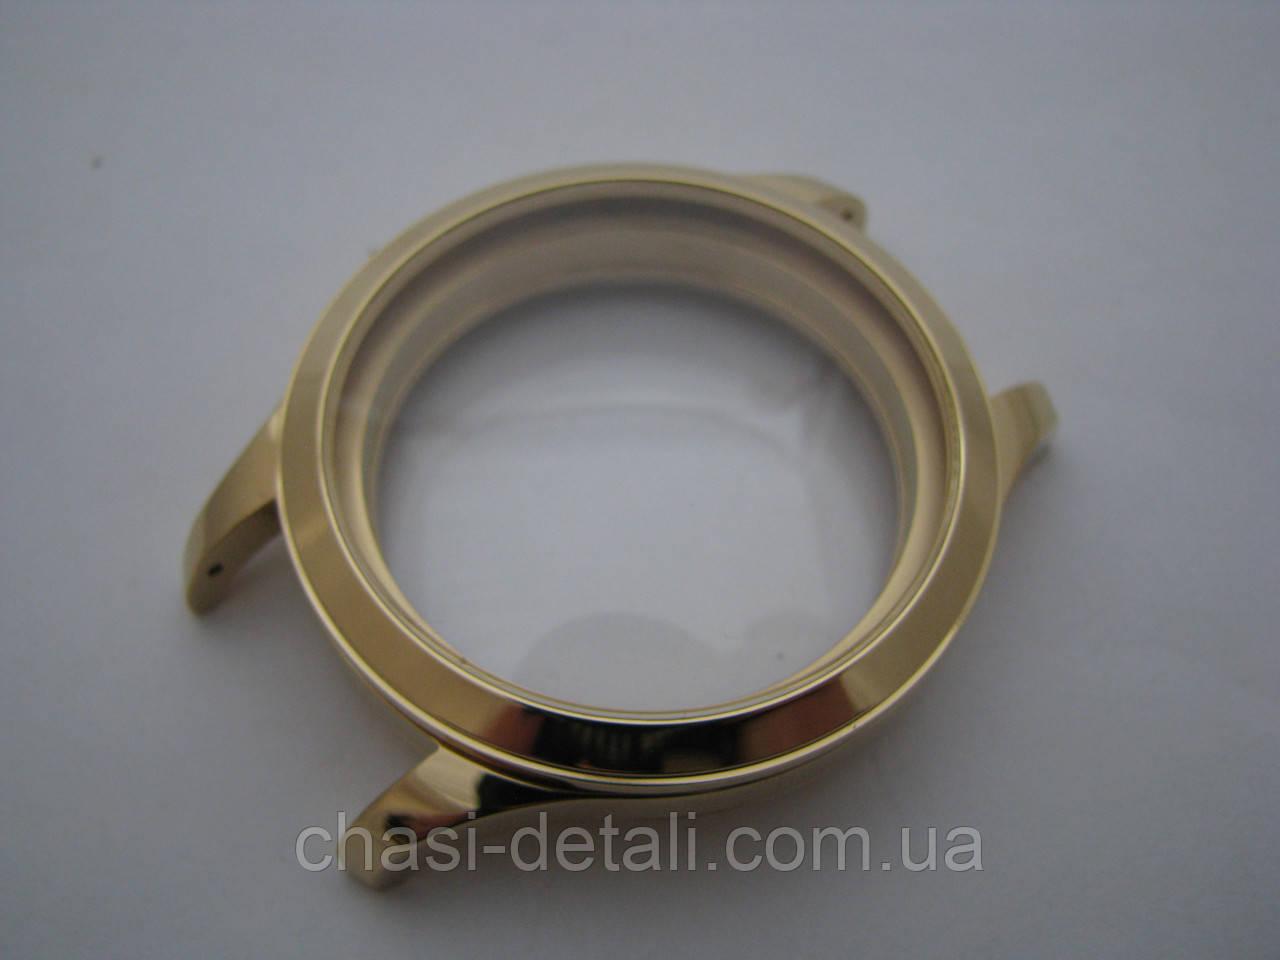 Корпус для годинників, сталевий. Діаметр 47,00 мм. Годинник